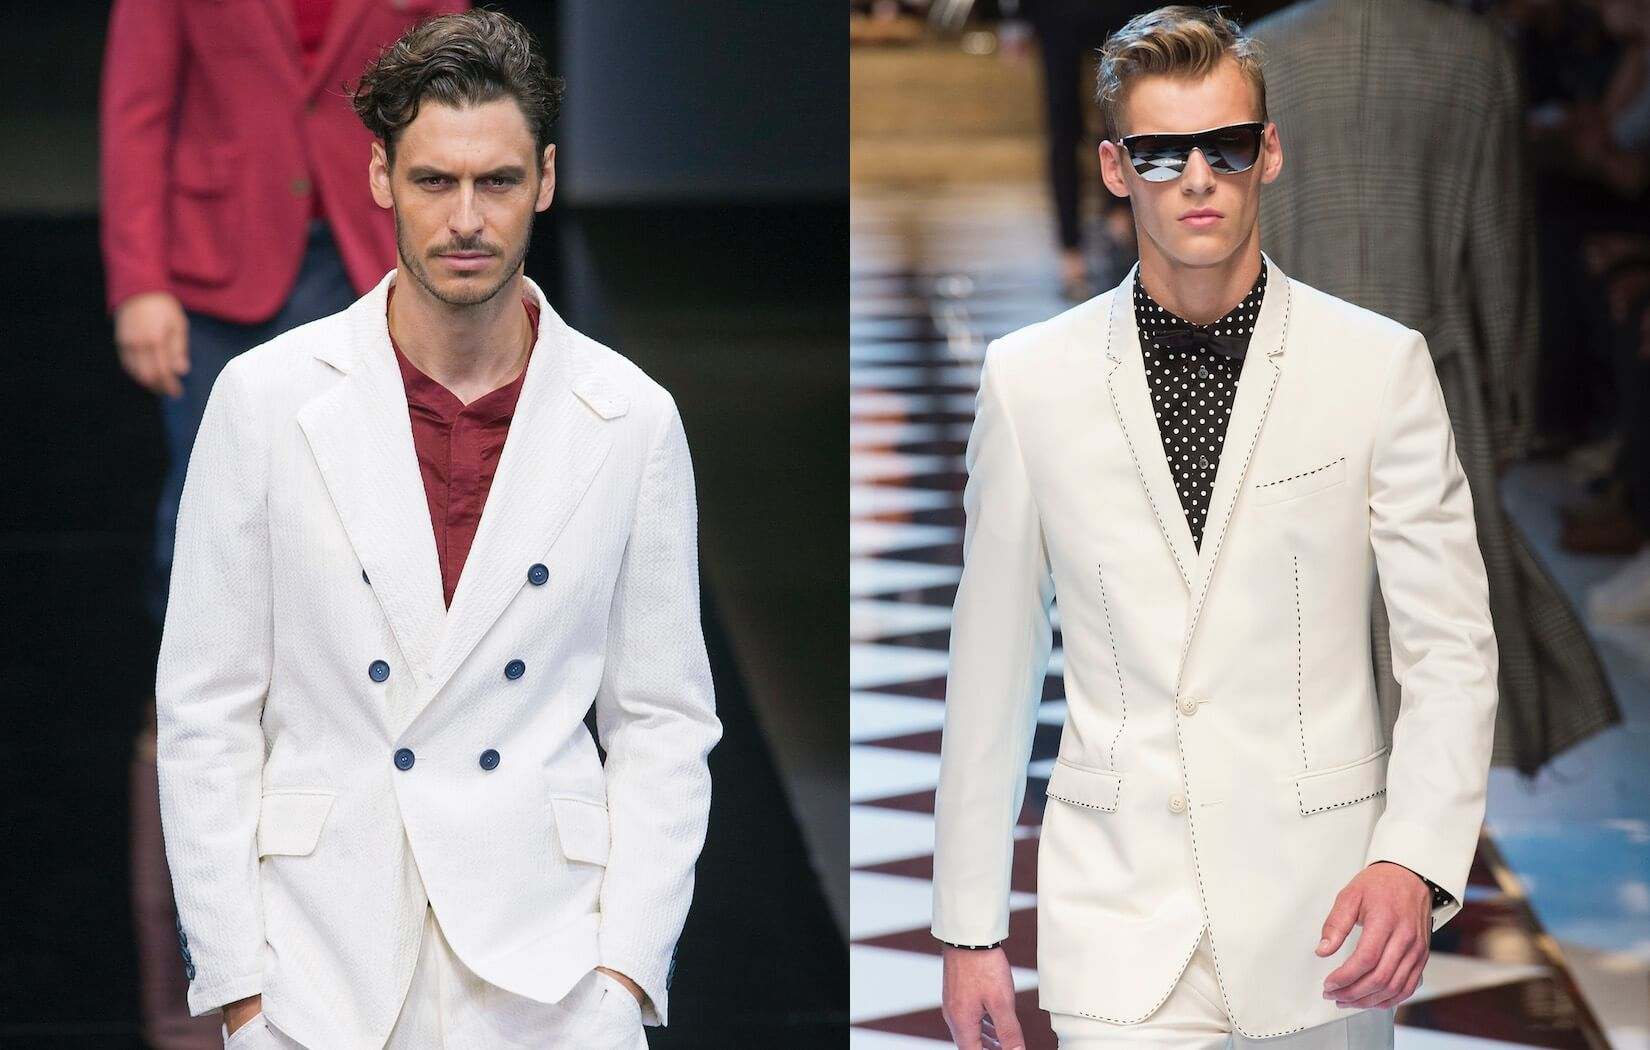 Dal 6 al 12 settembre avrà luogo la Settimana della Moda di New York Primavera Estate Su fascinatingnewsvv.ml potrai trovare giorno per giorno tutte le sfilate della Fashion Week d'oltreoceano.